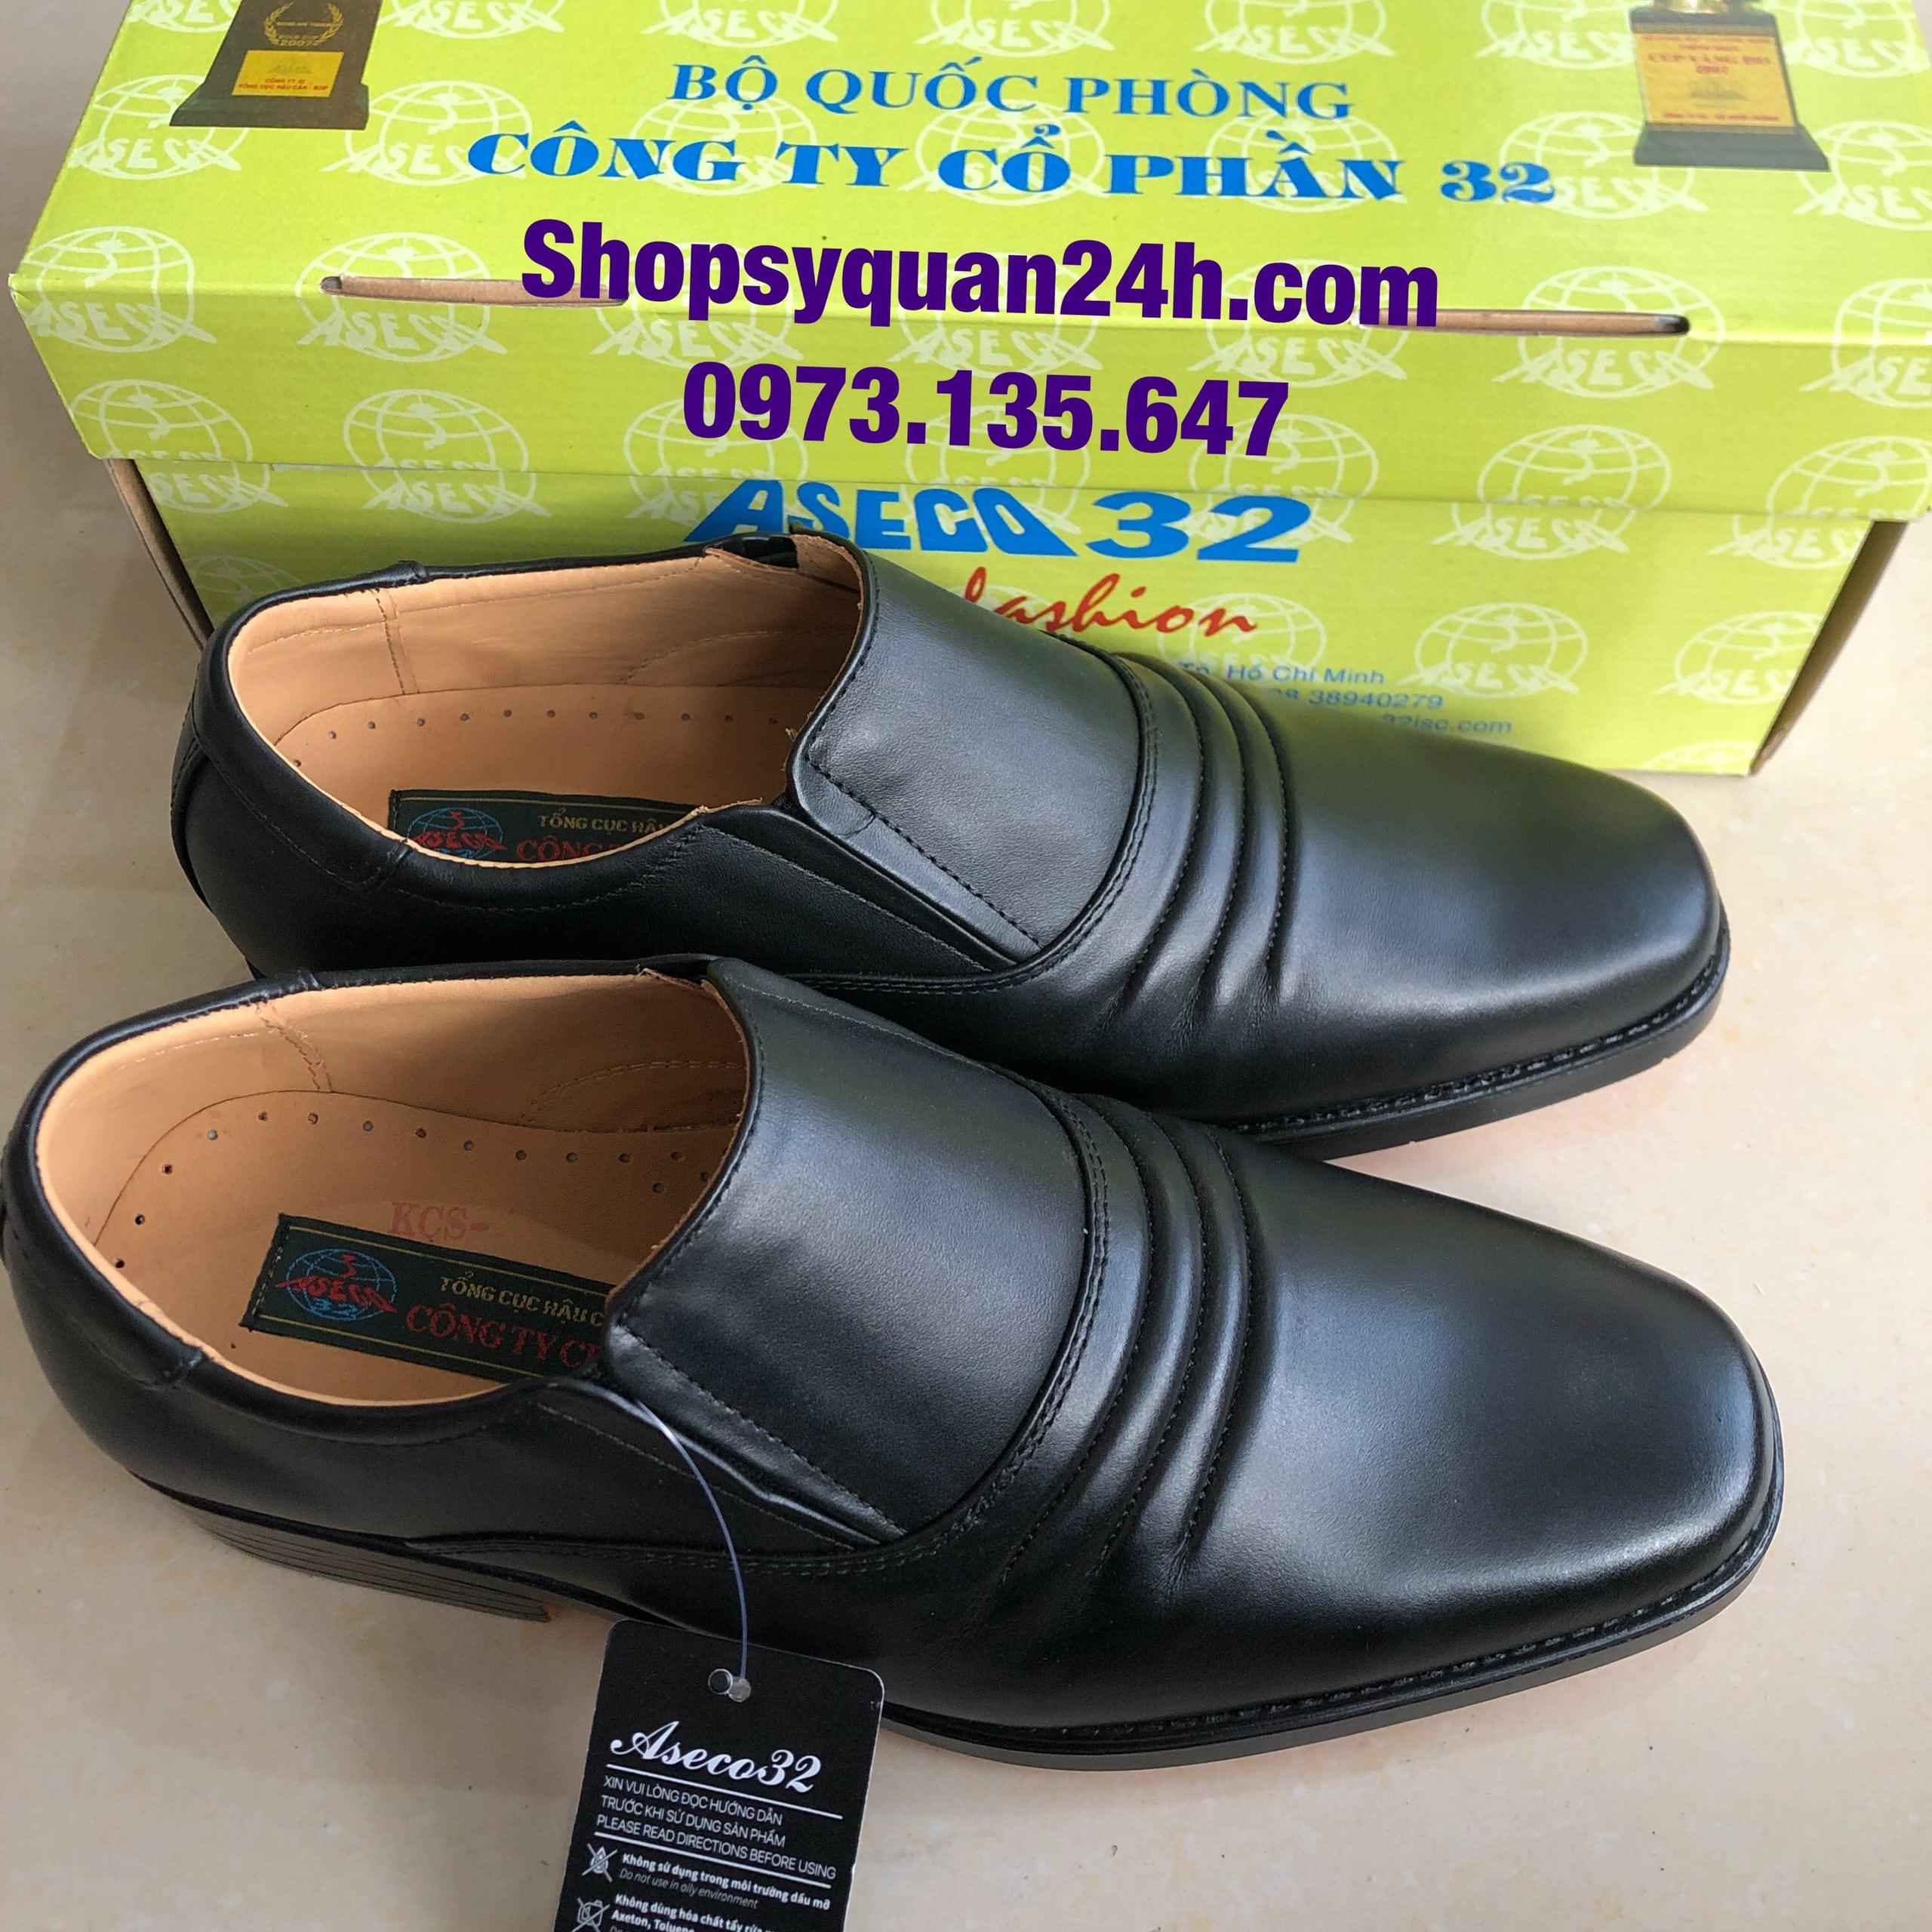 Giày Da Công Sở 3 Sọc Mã 32-FFM-714 (ĐEN)